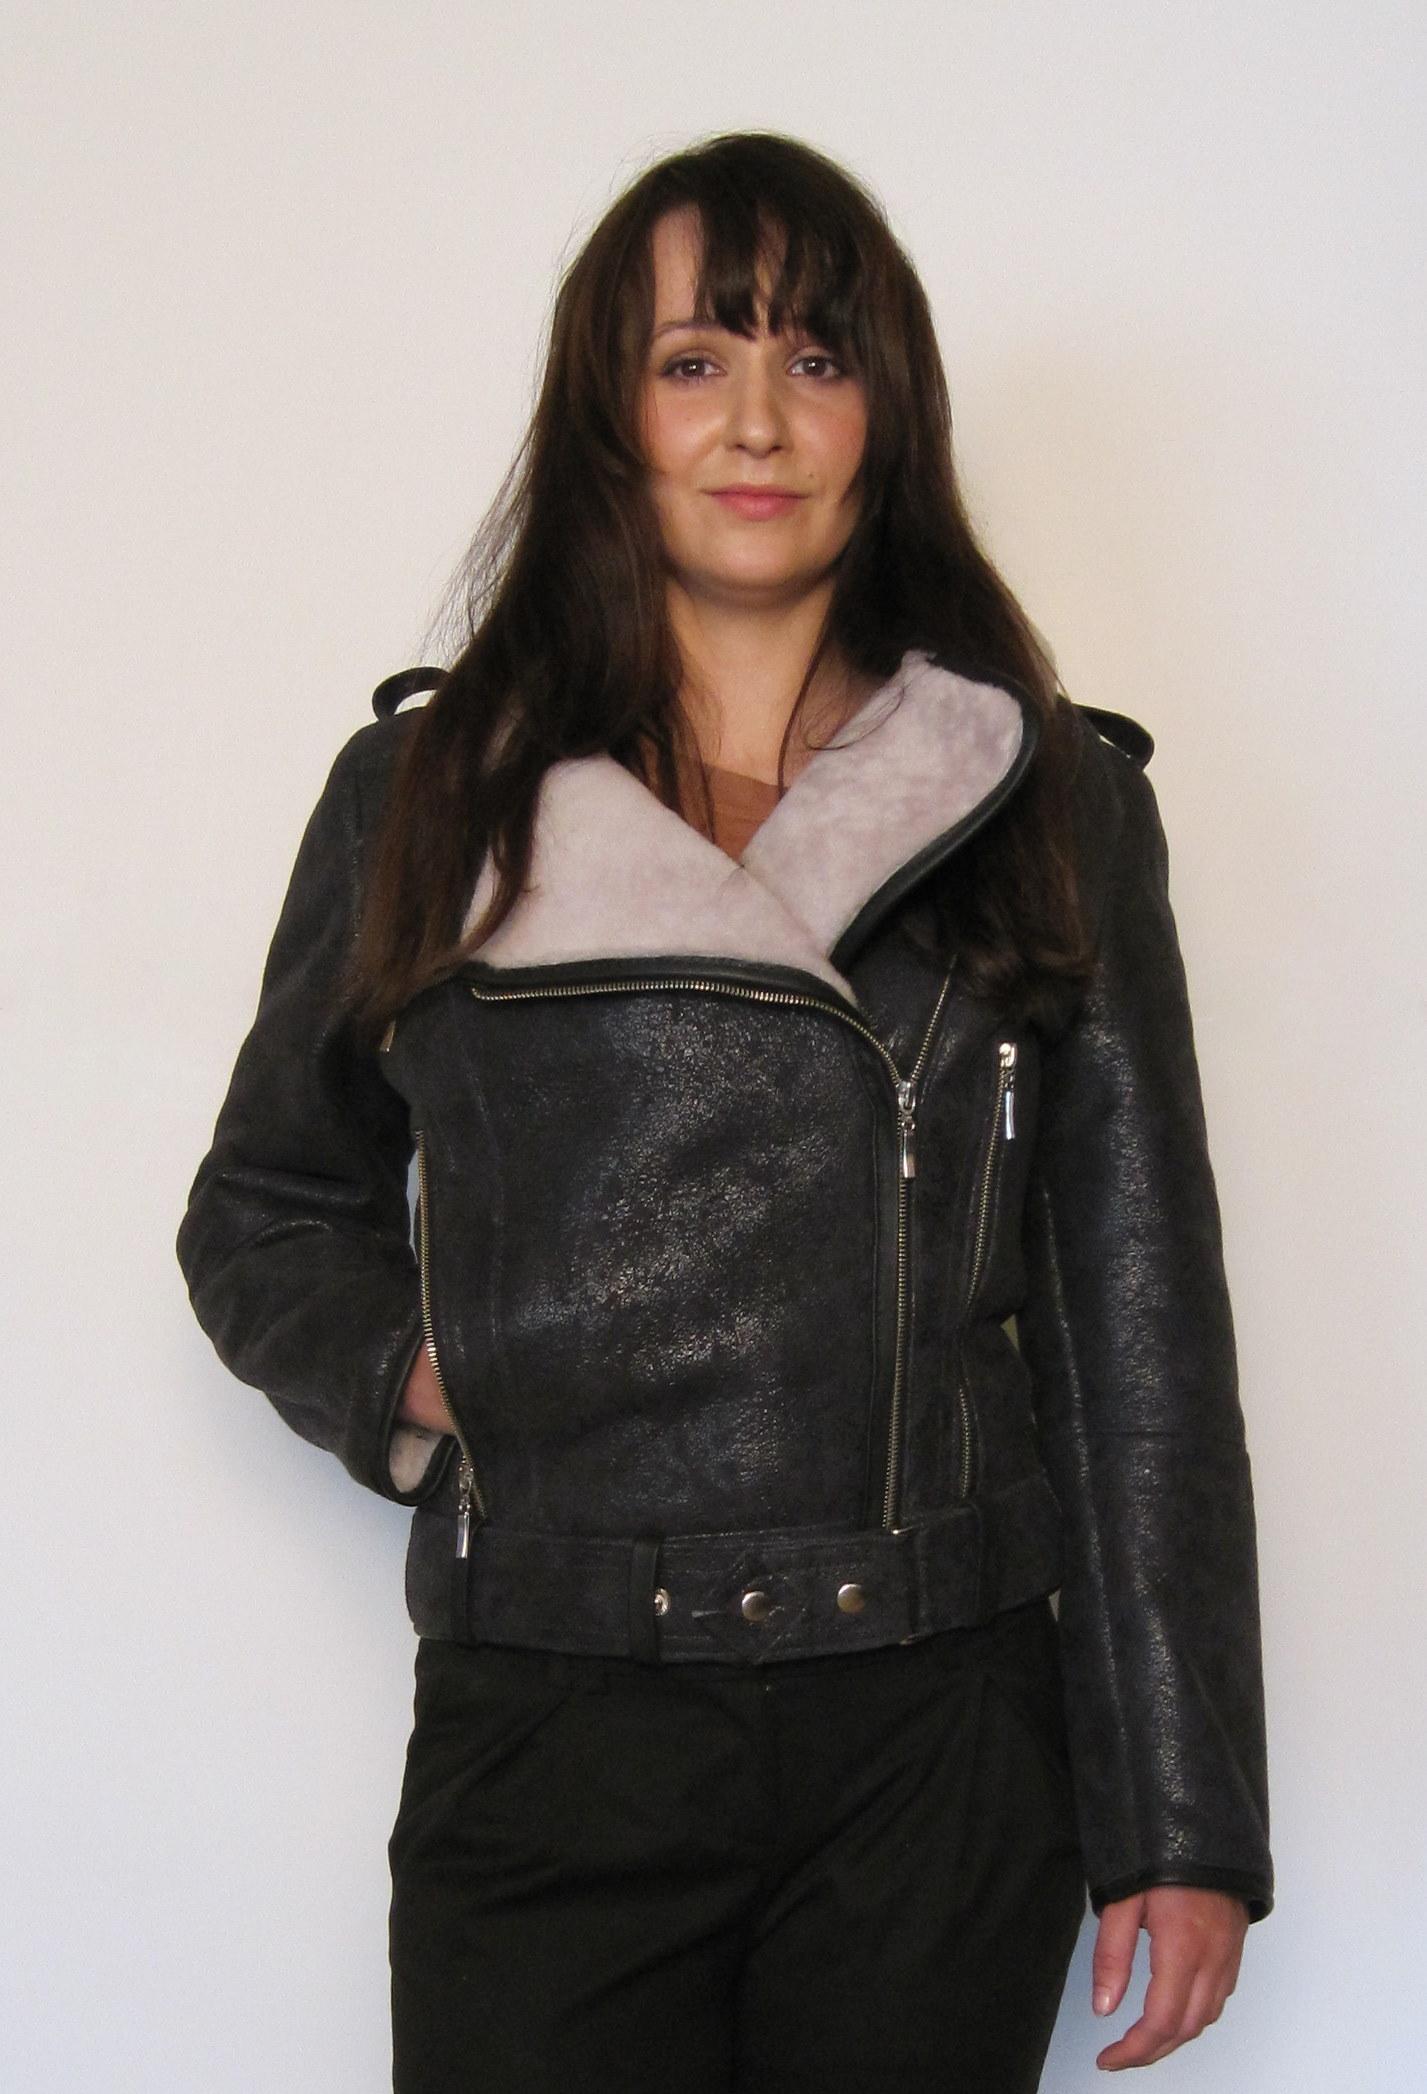 kurtki pilotki Zobacz naszą kolekcję najmodniejszych pilotek dla kobiet i znajdź idealną kurtkę dla siebie. Od klasycznych po eleganckie z jedwabistych materiałów – w tym sezonie nie może się bez nich obejść żadna stylowa kobieta.